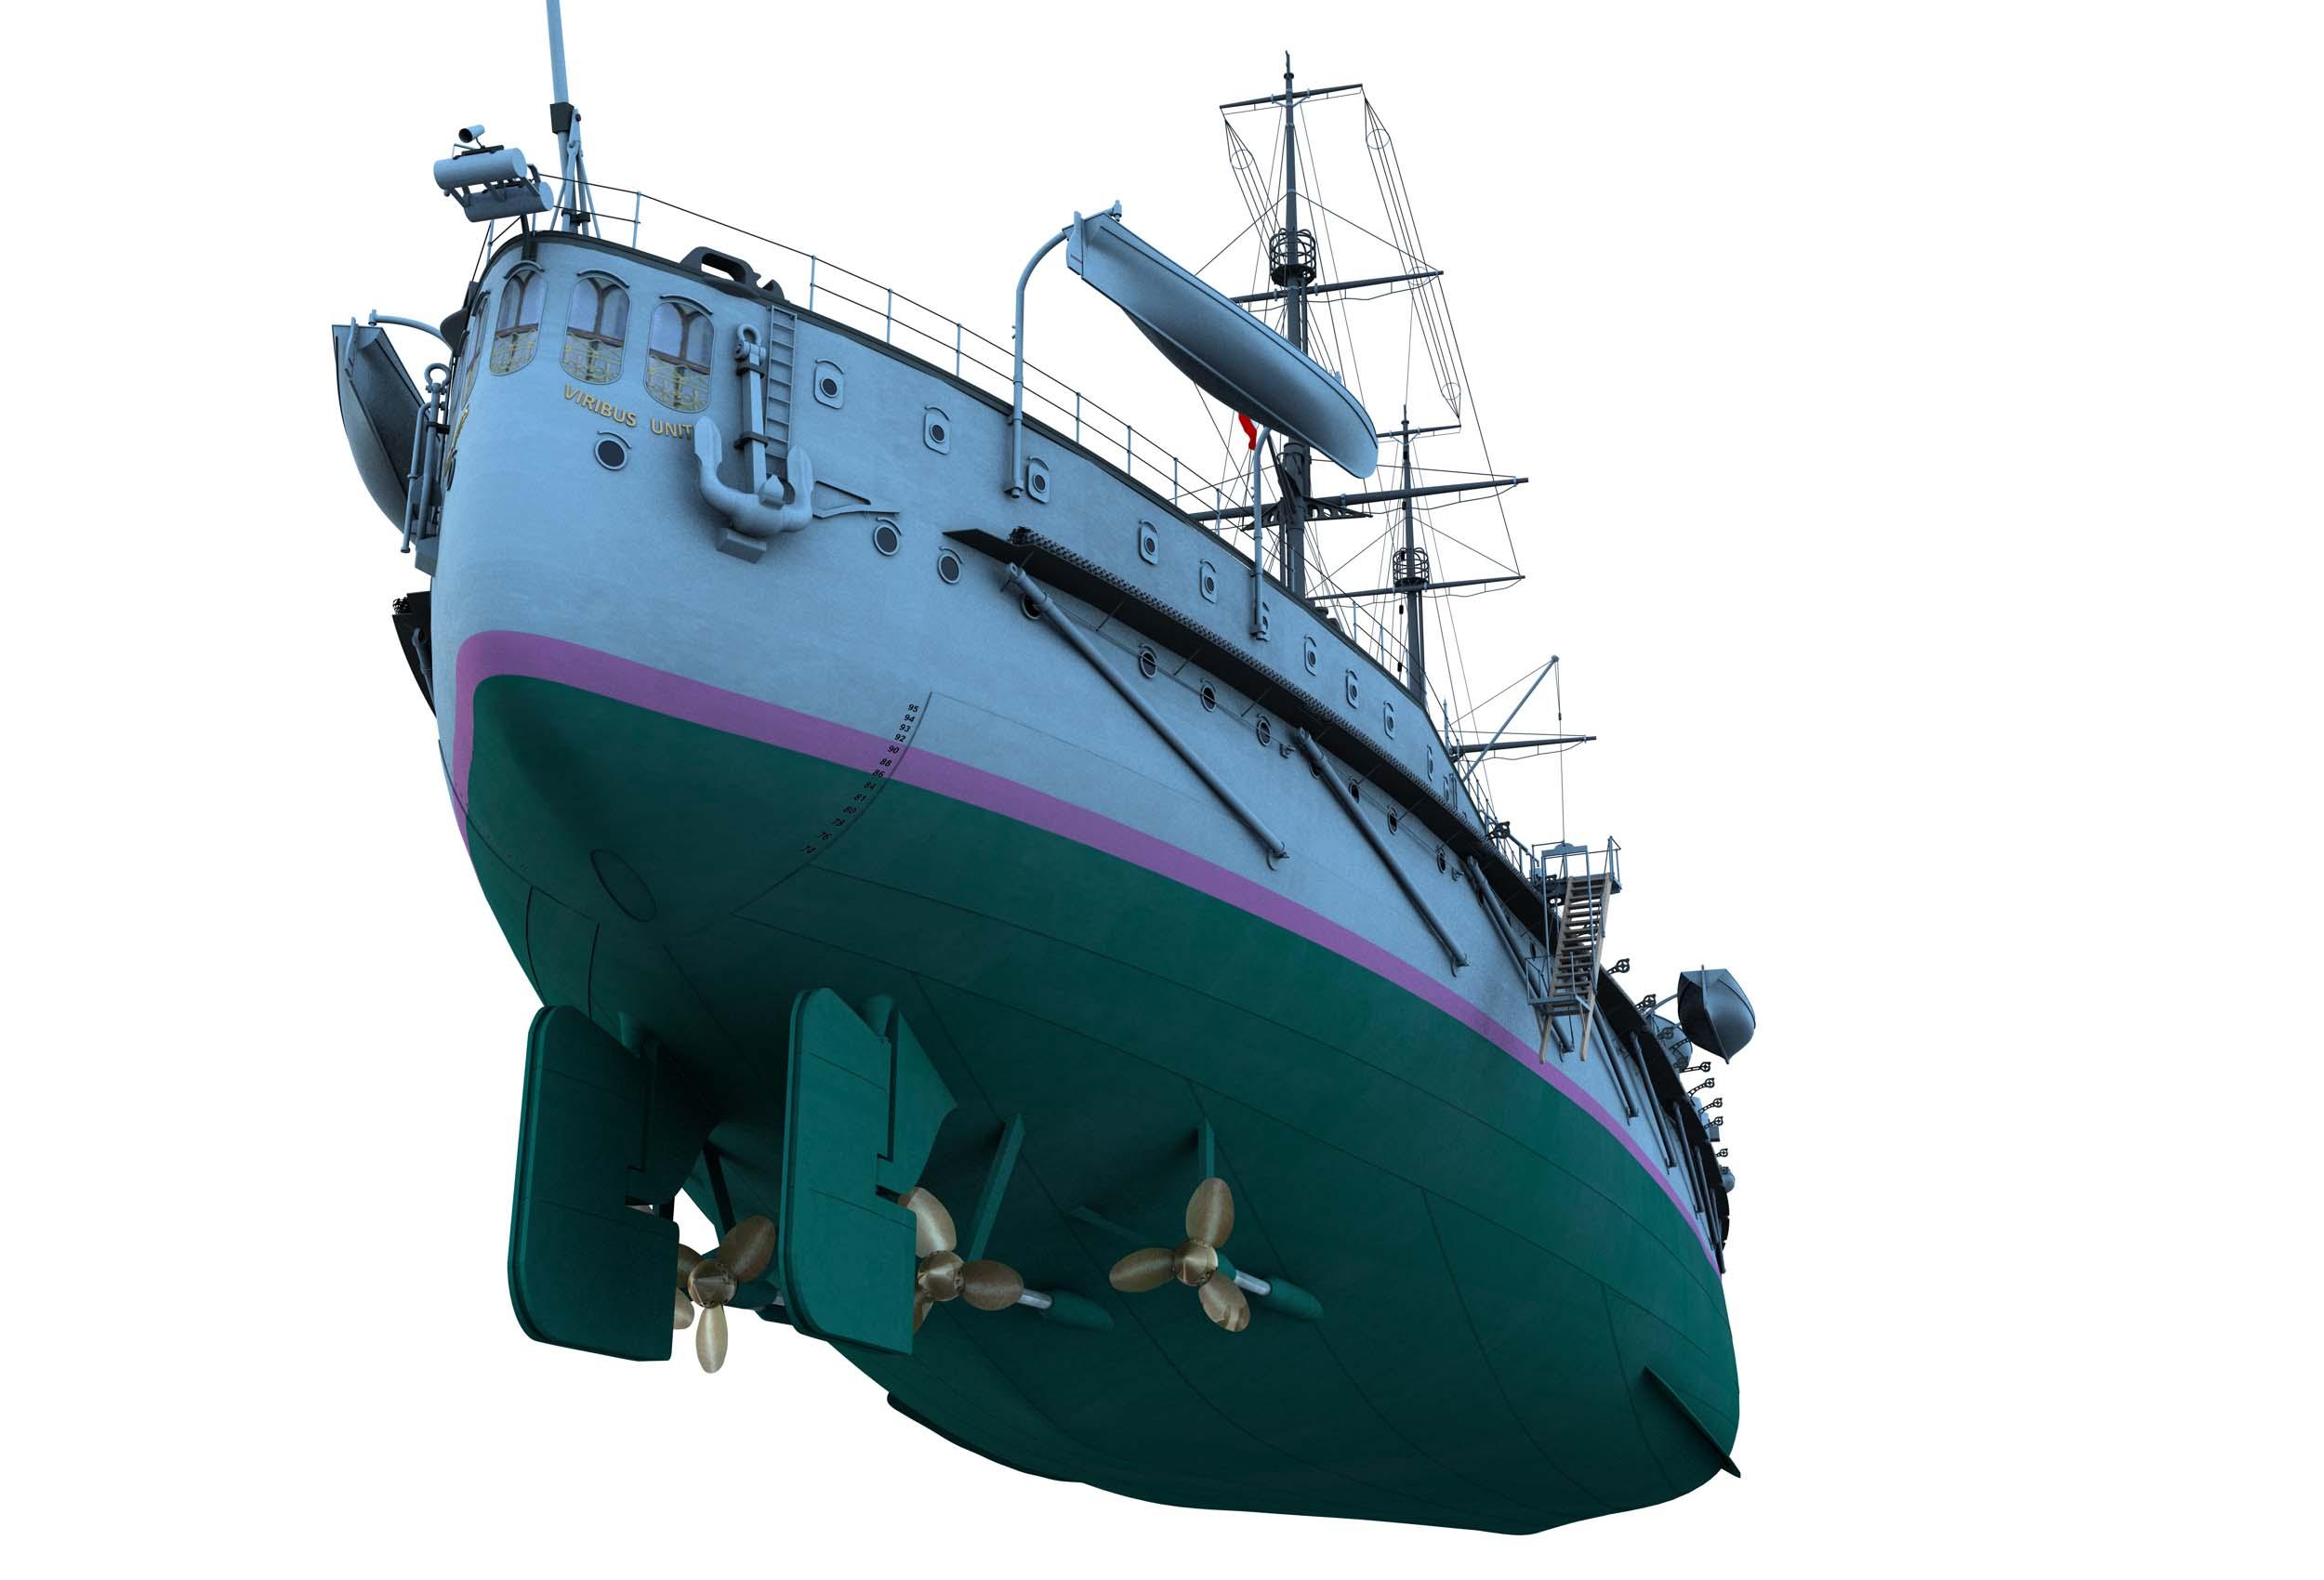 https://0901.nccdn.net/4_2/000/000/064/d40/CK4-Full-Ship-Stern-Starboard-Rudders-Underwater.jpg